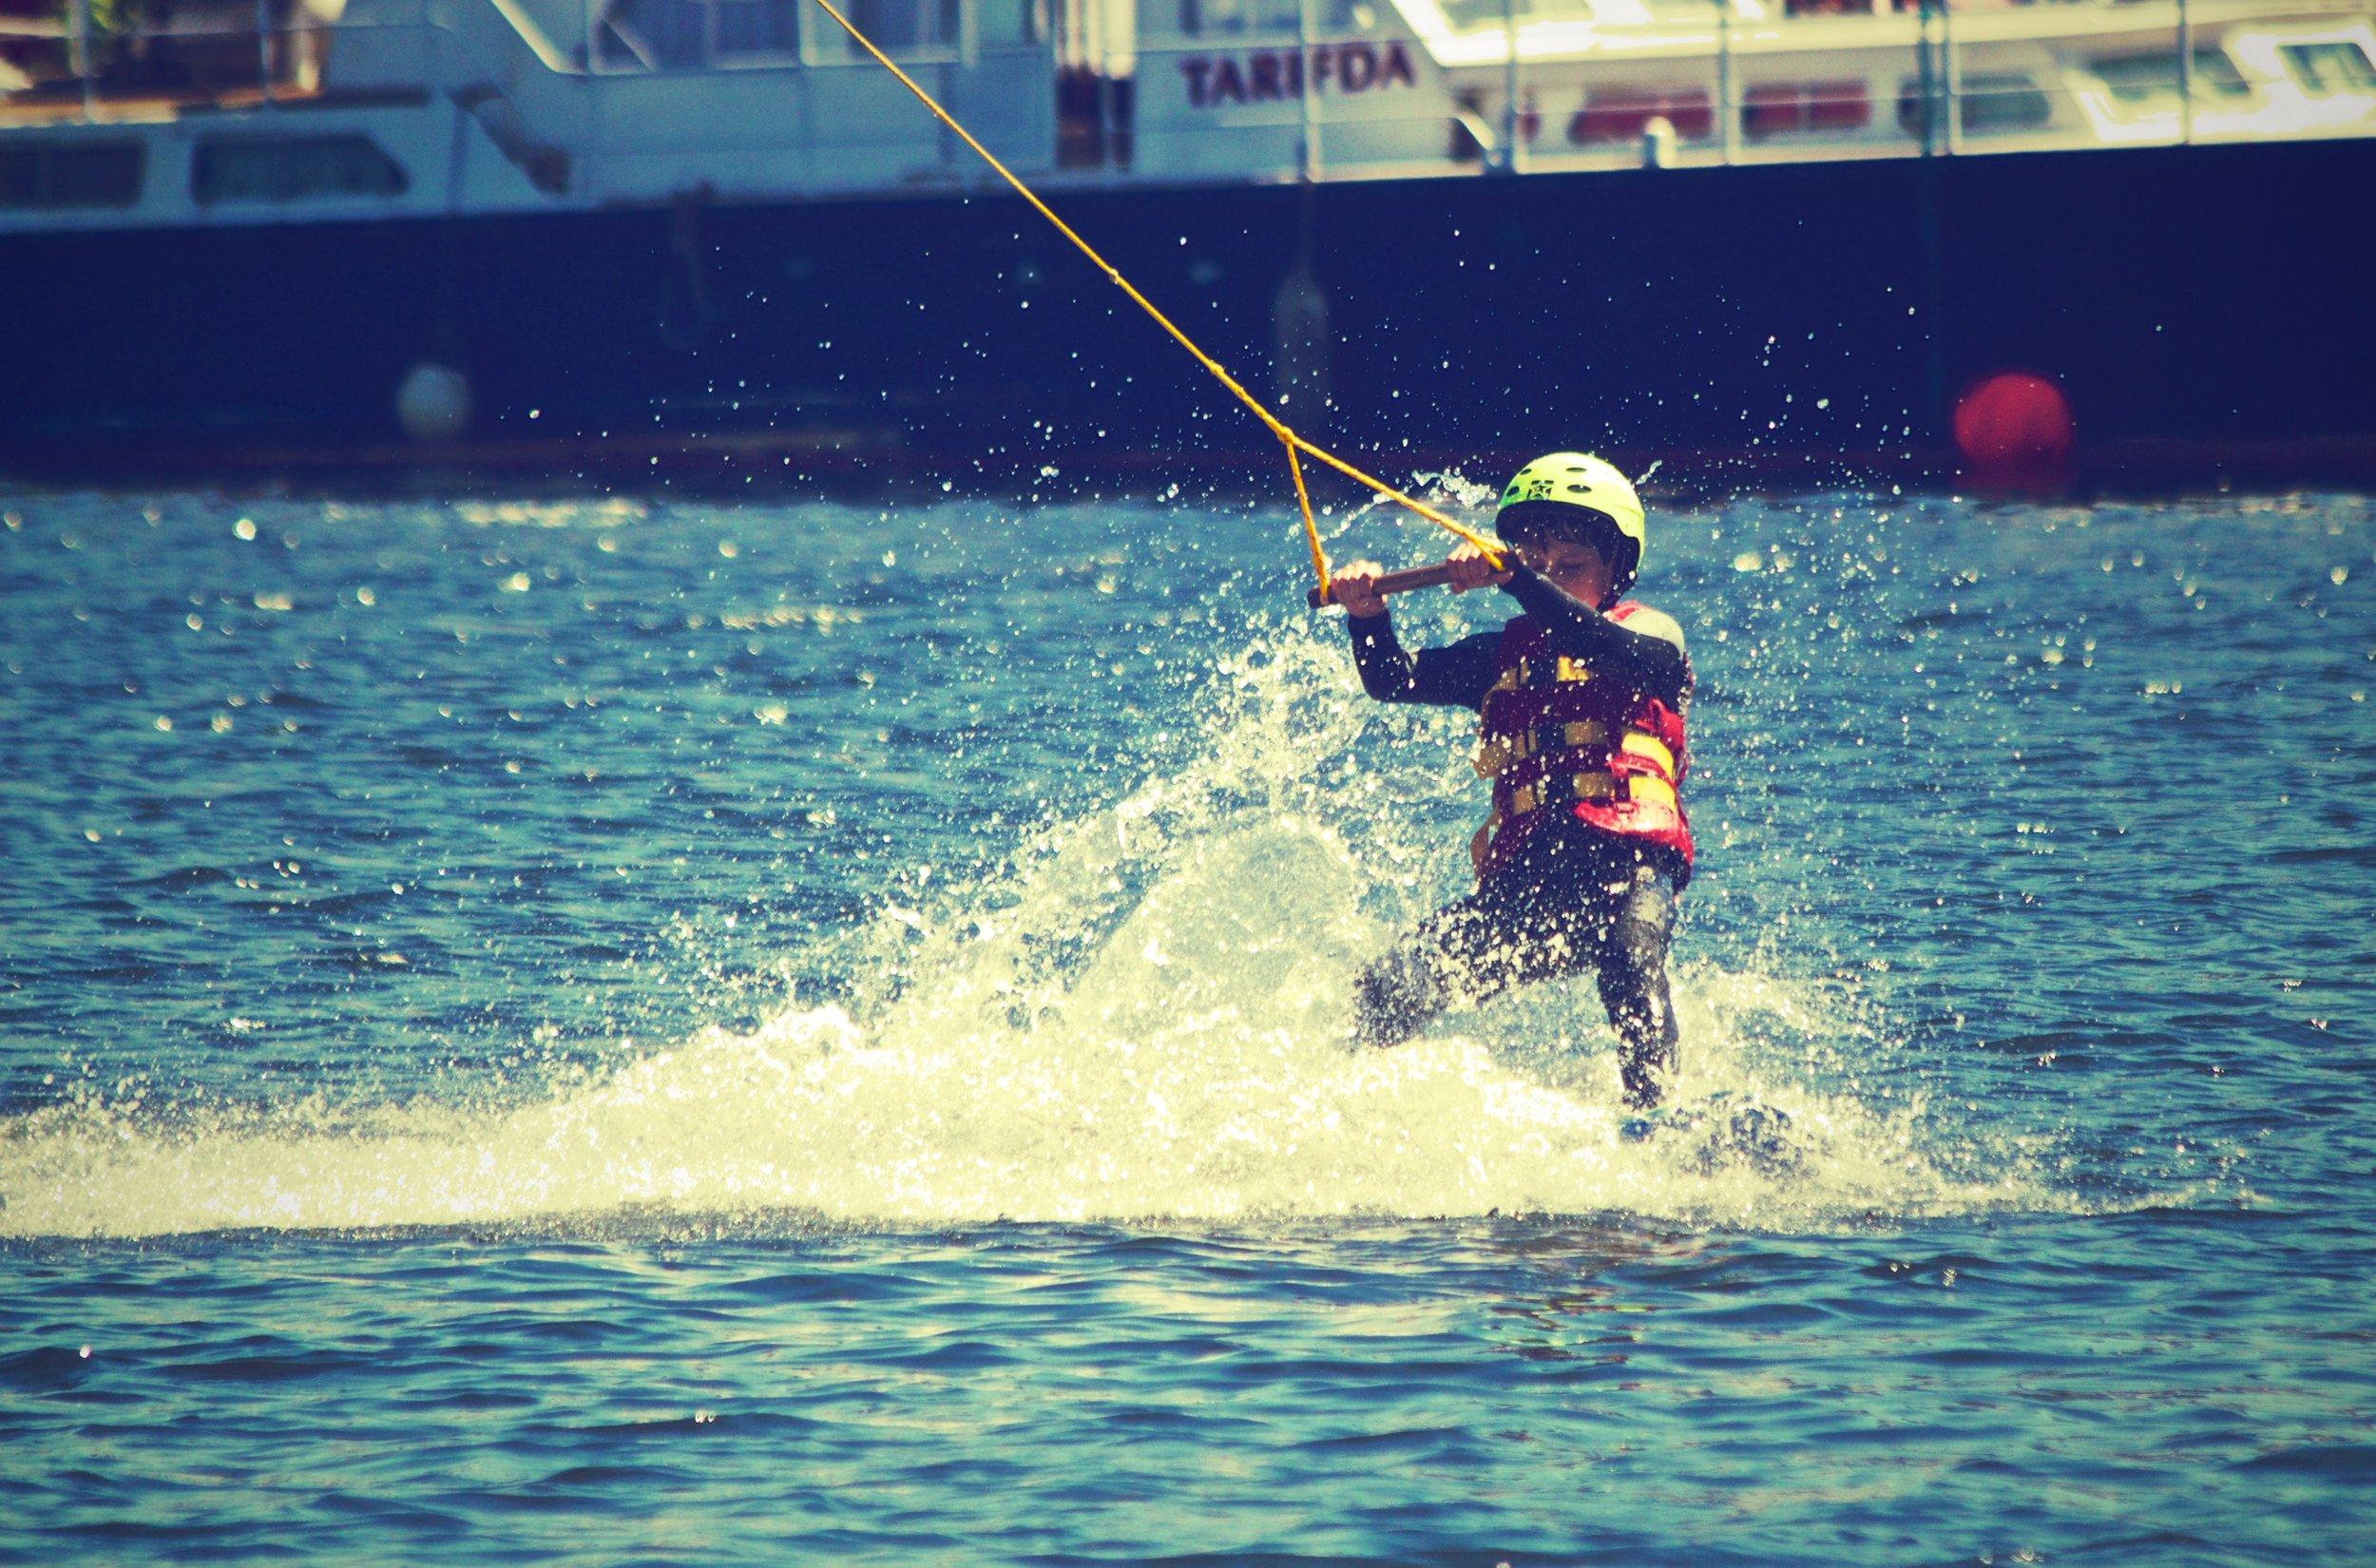 adventure-boy-fun-3139 (1).jpg